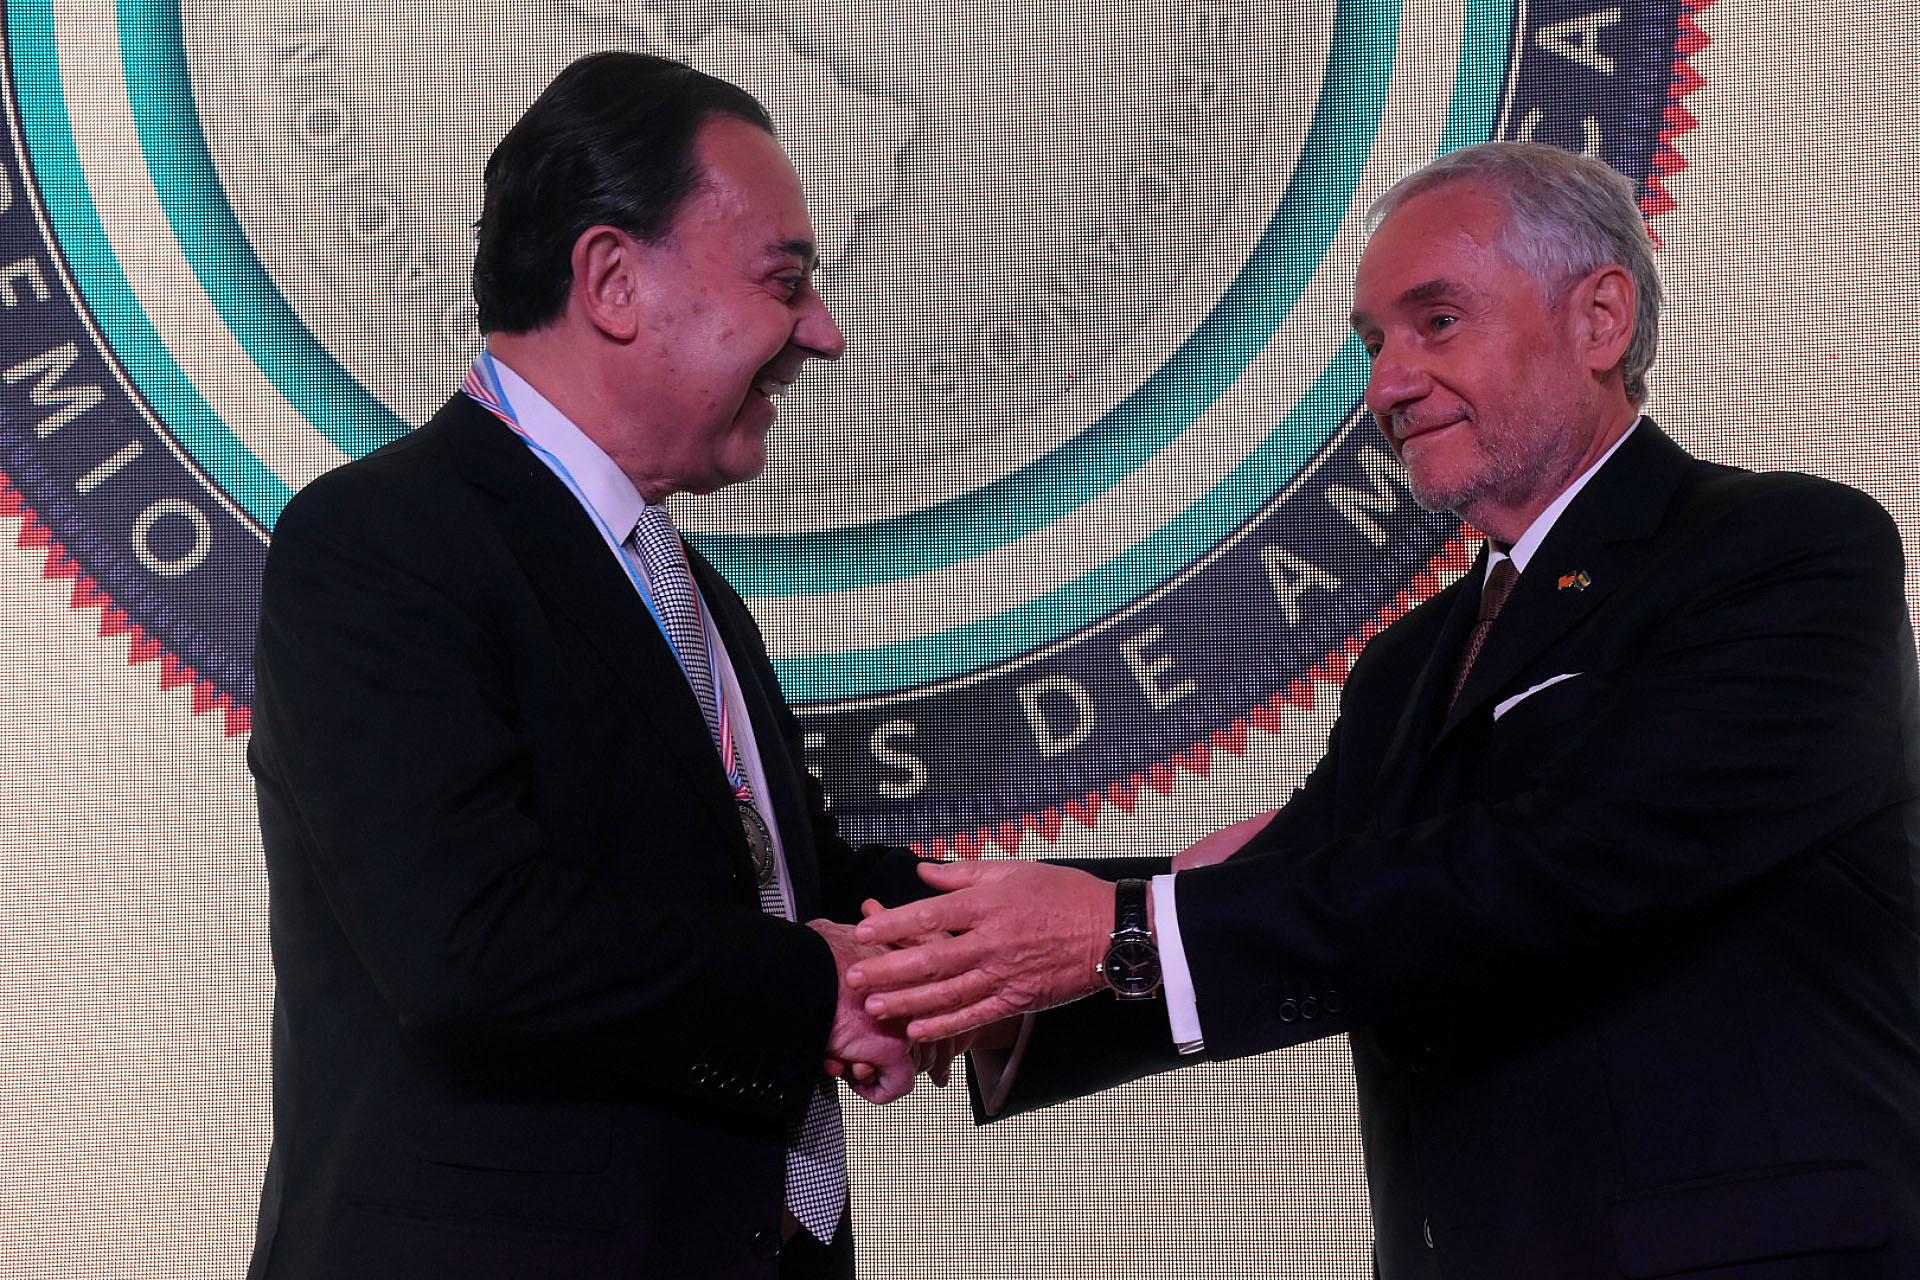 El diplomático argentino Felipe de la Balze y Savino en la entrega de distinciones del CEA